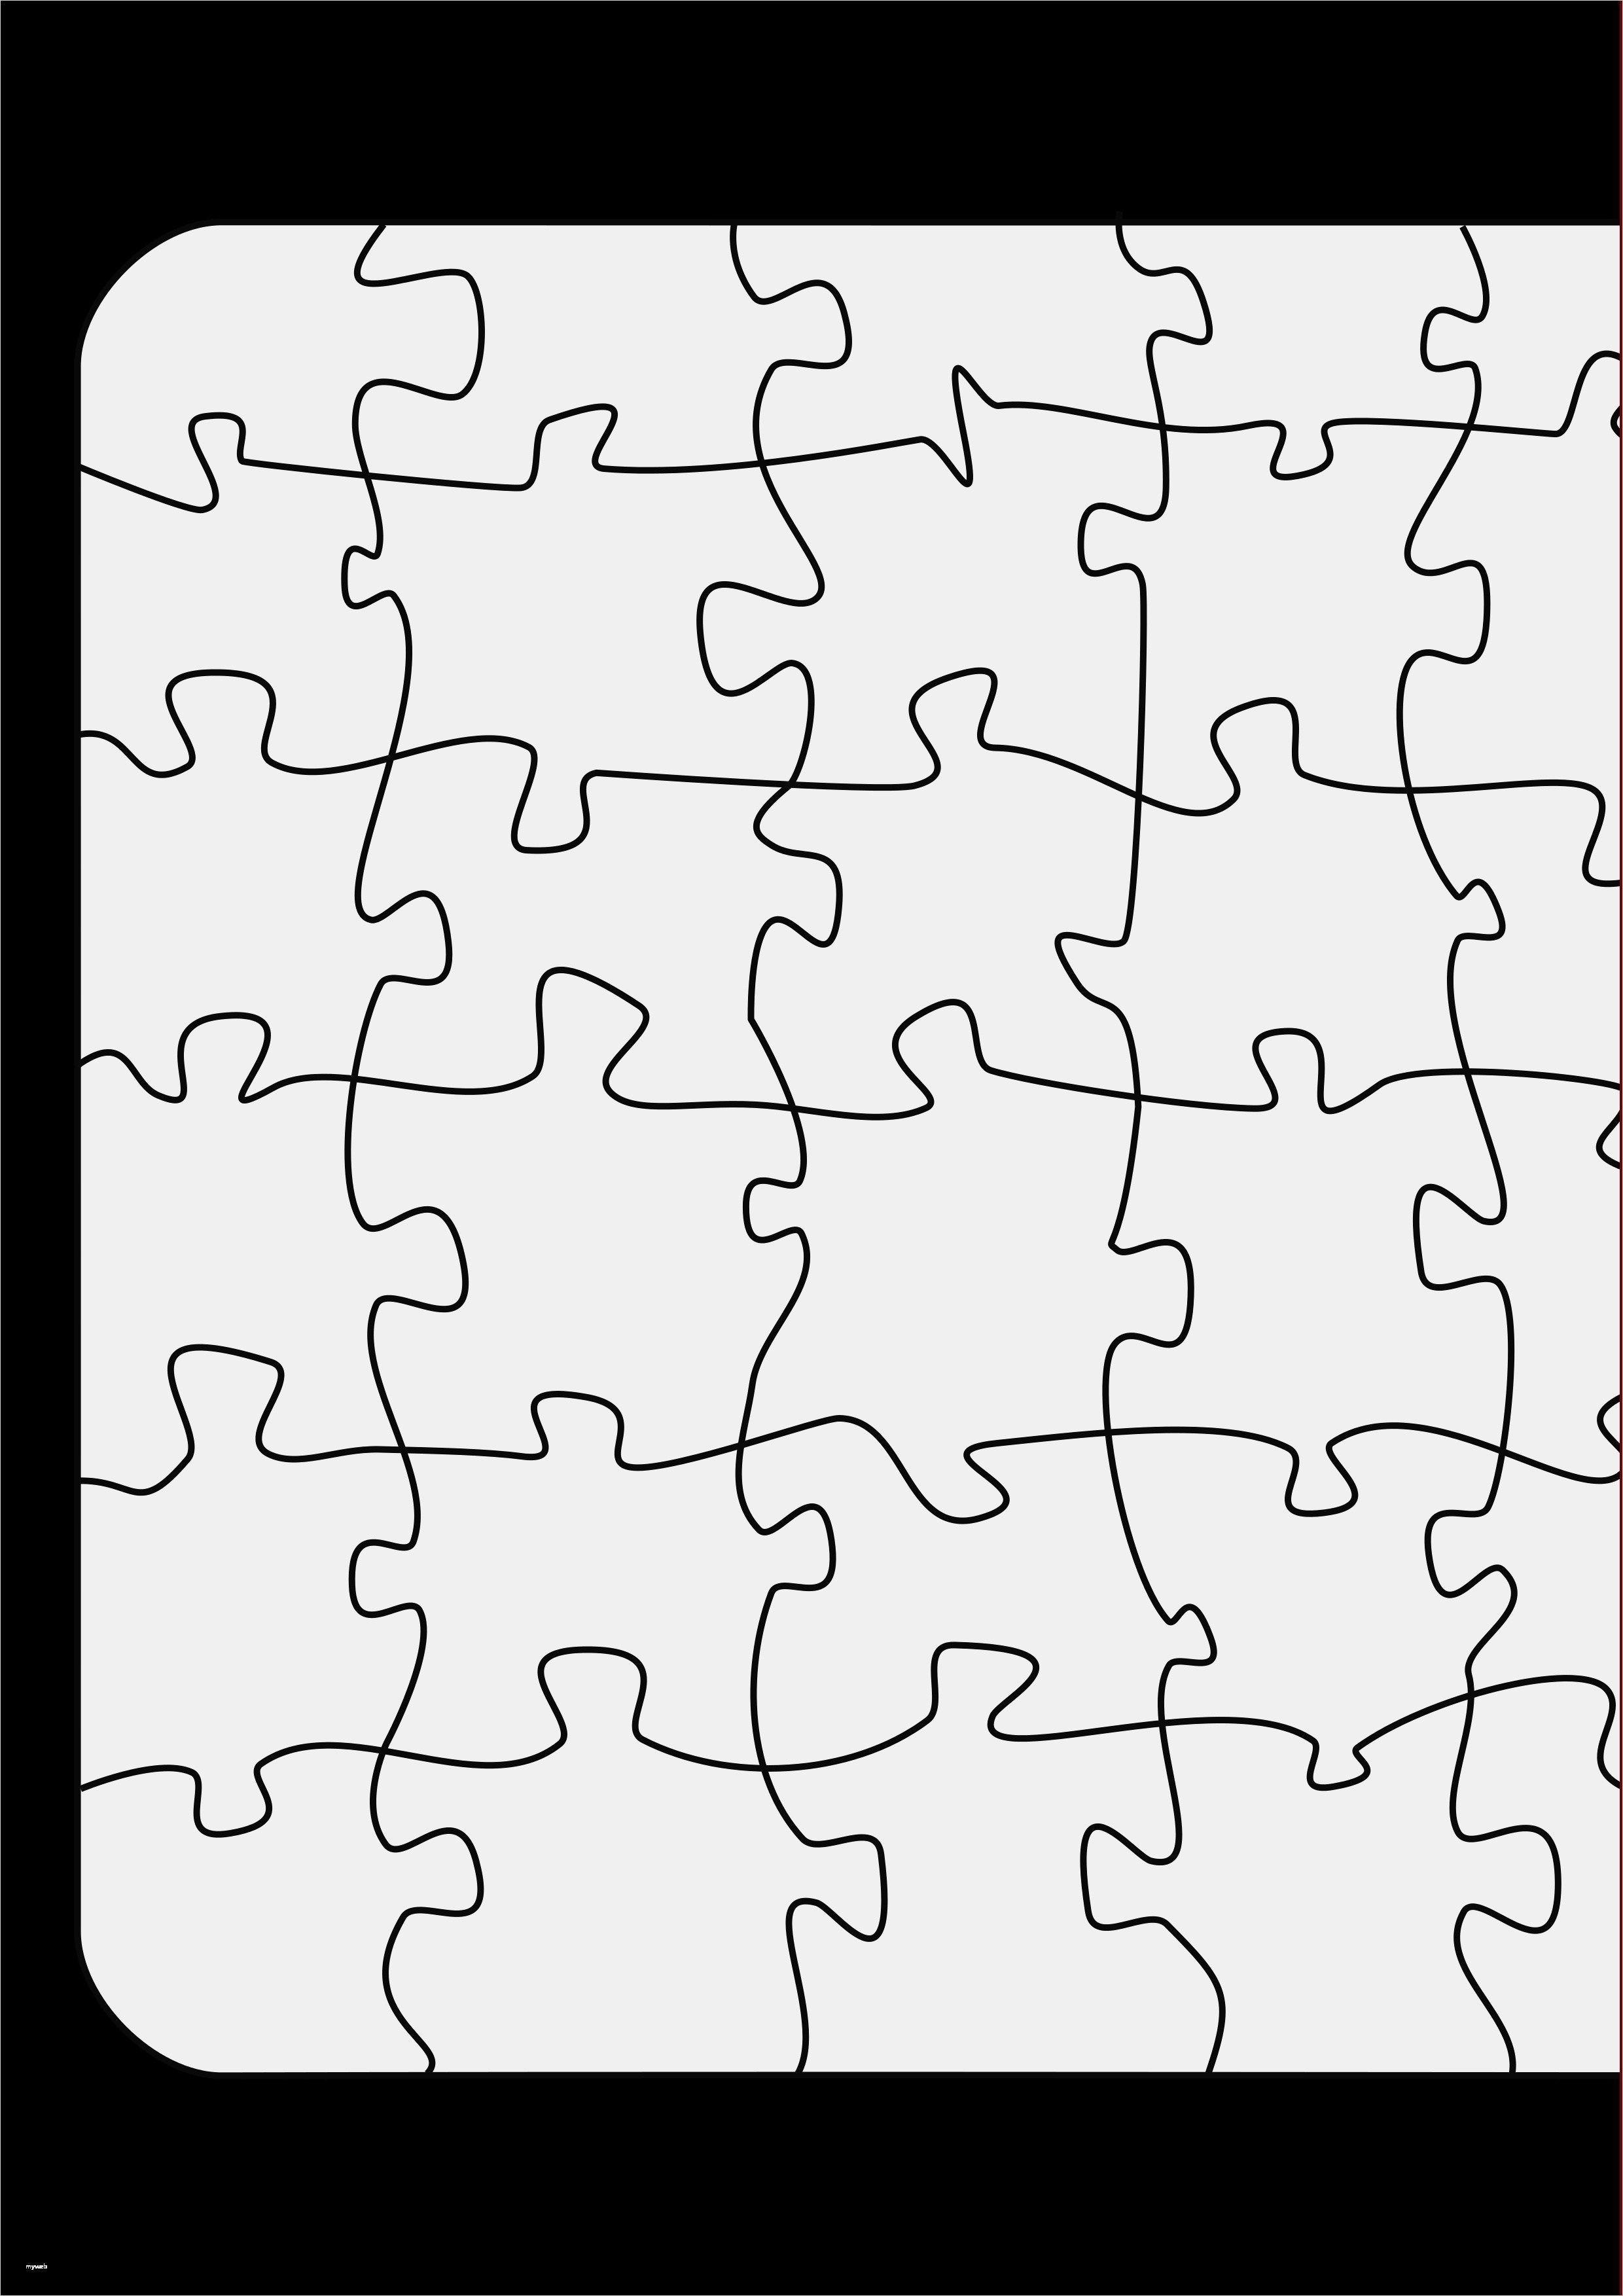 puzzle vorlage kostenlos ausdrucken of puzzle vorlage word nutzlich puzzle vorlage kostenlos ausdrucken